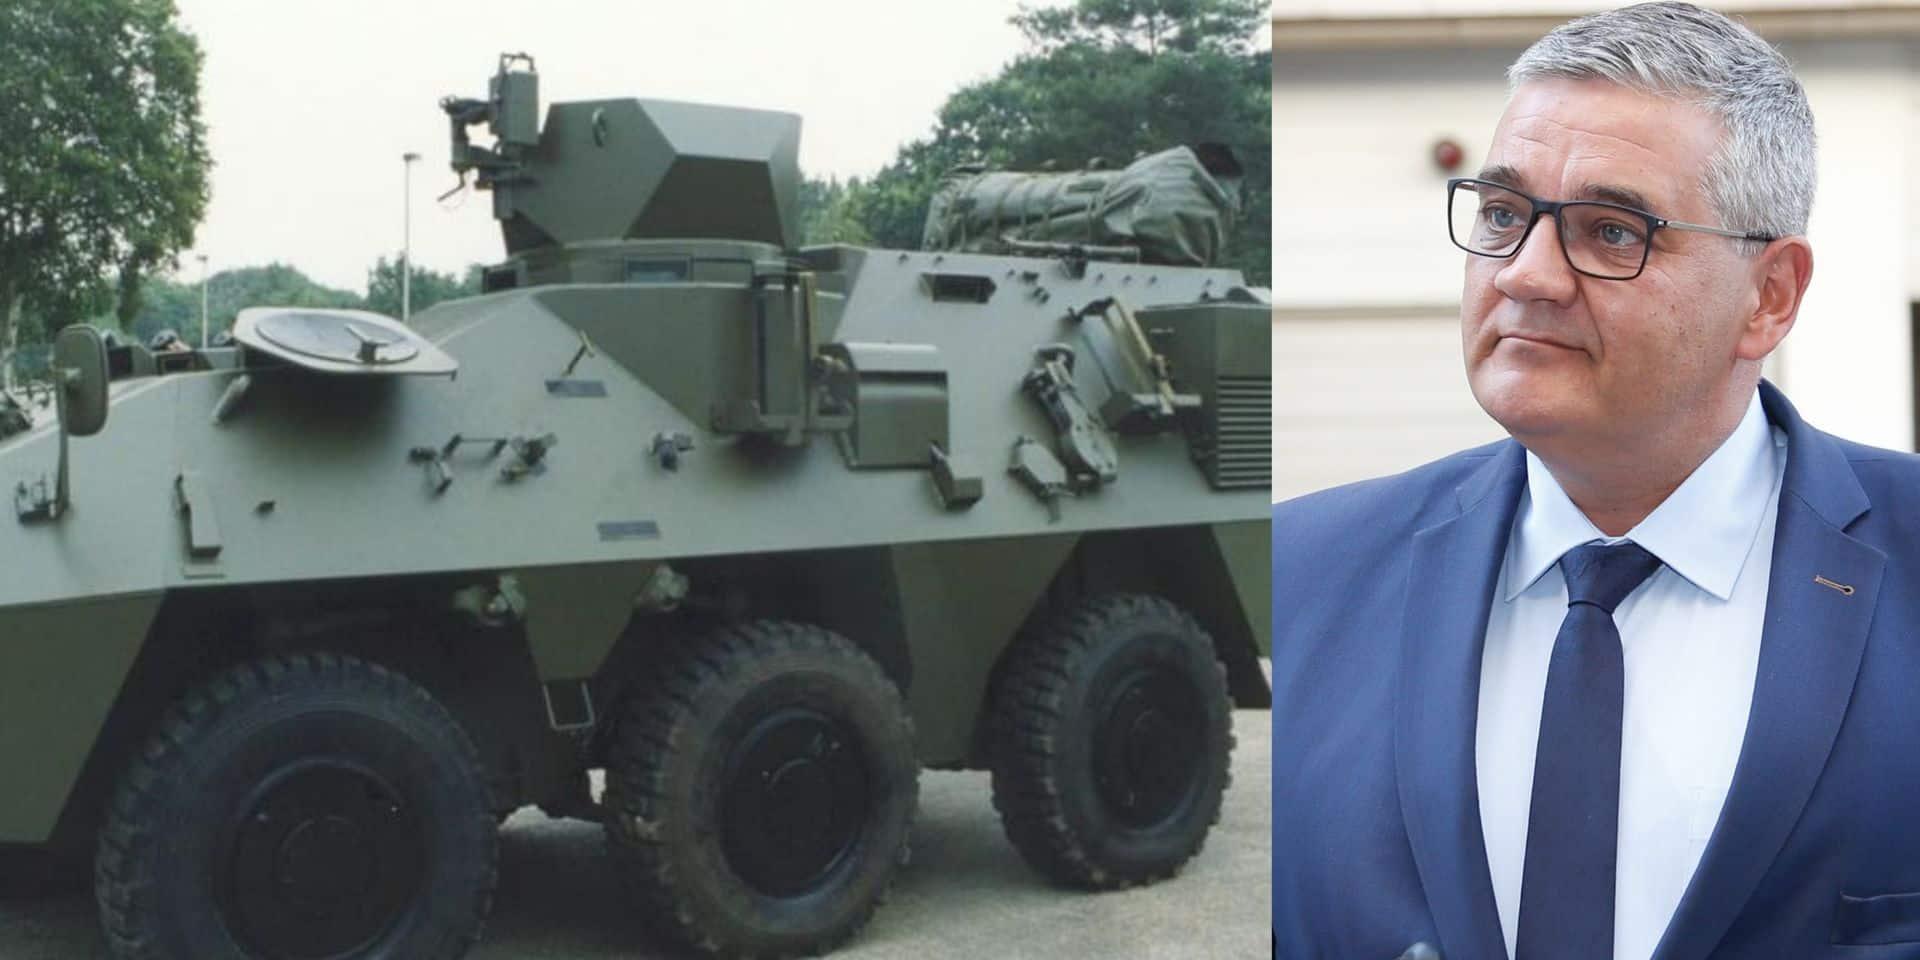 L'armée belge a investi 31 millions d'euros pour moderniser des véhicules blindés... ce qui les a rendus finalement inutilisables